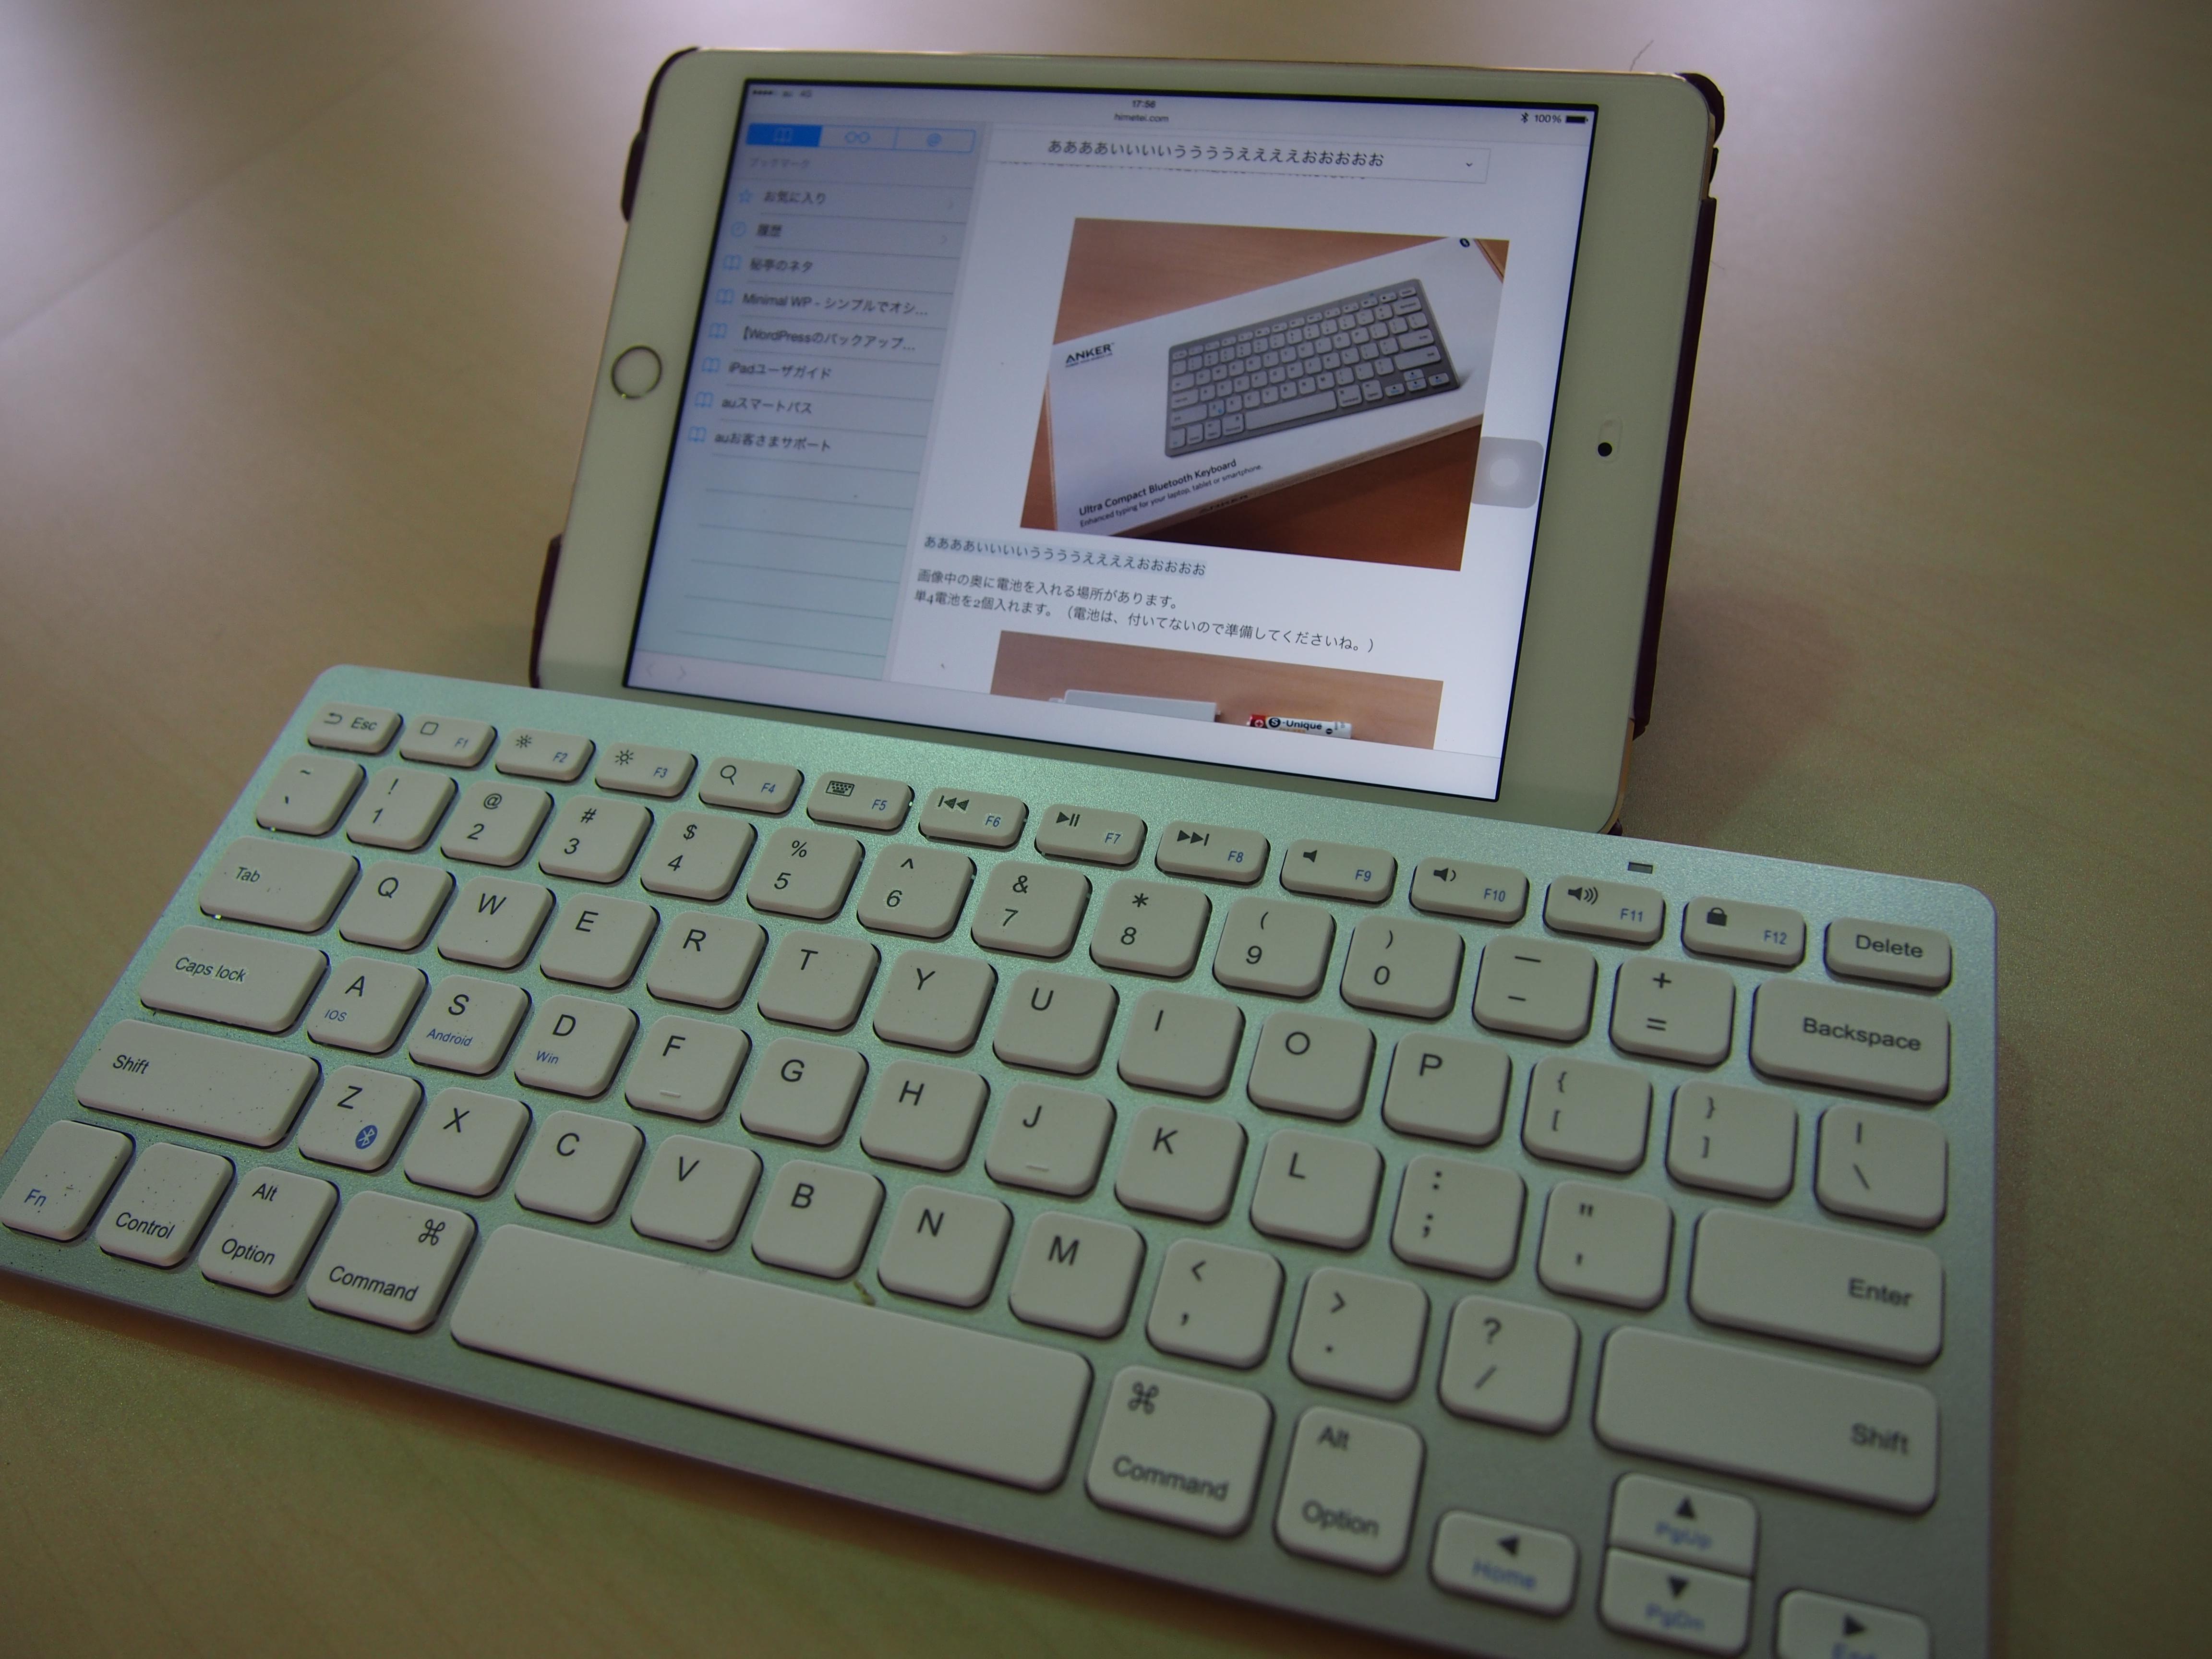 iPad mini3にBluetooth (ブルートゥース) キーボードを接続する方法